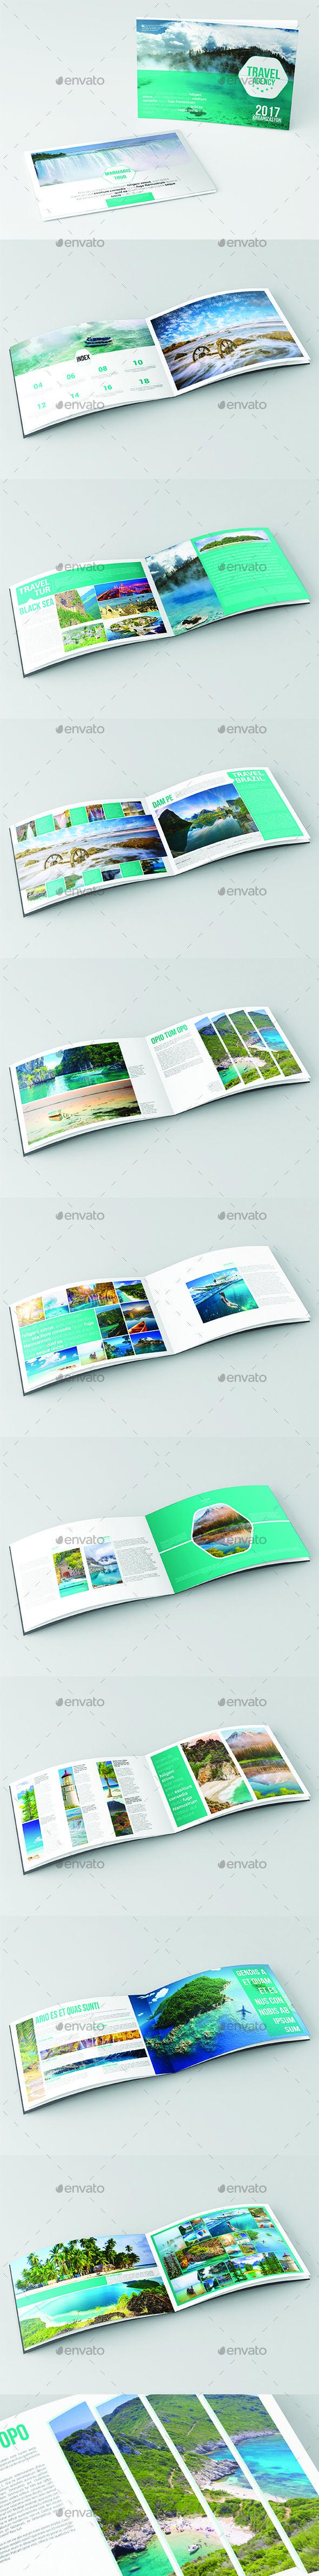 Travel Agency Catalog & Brochure | Comunicacion